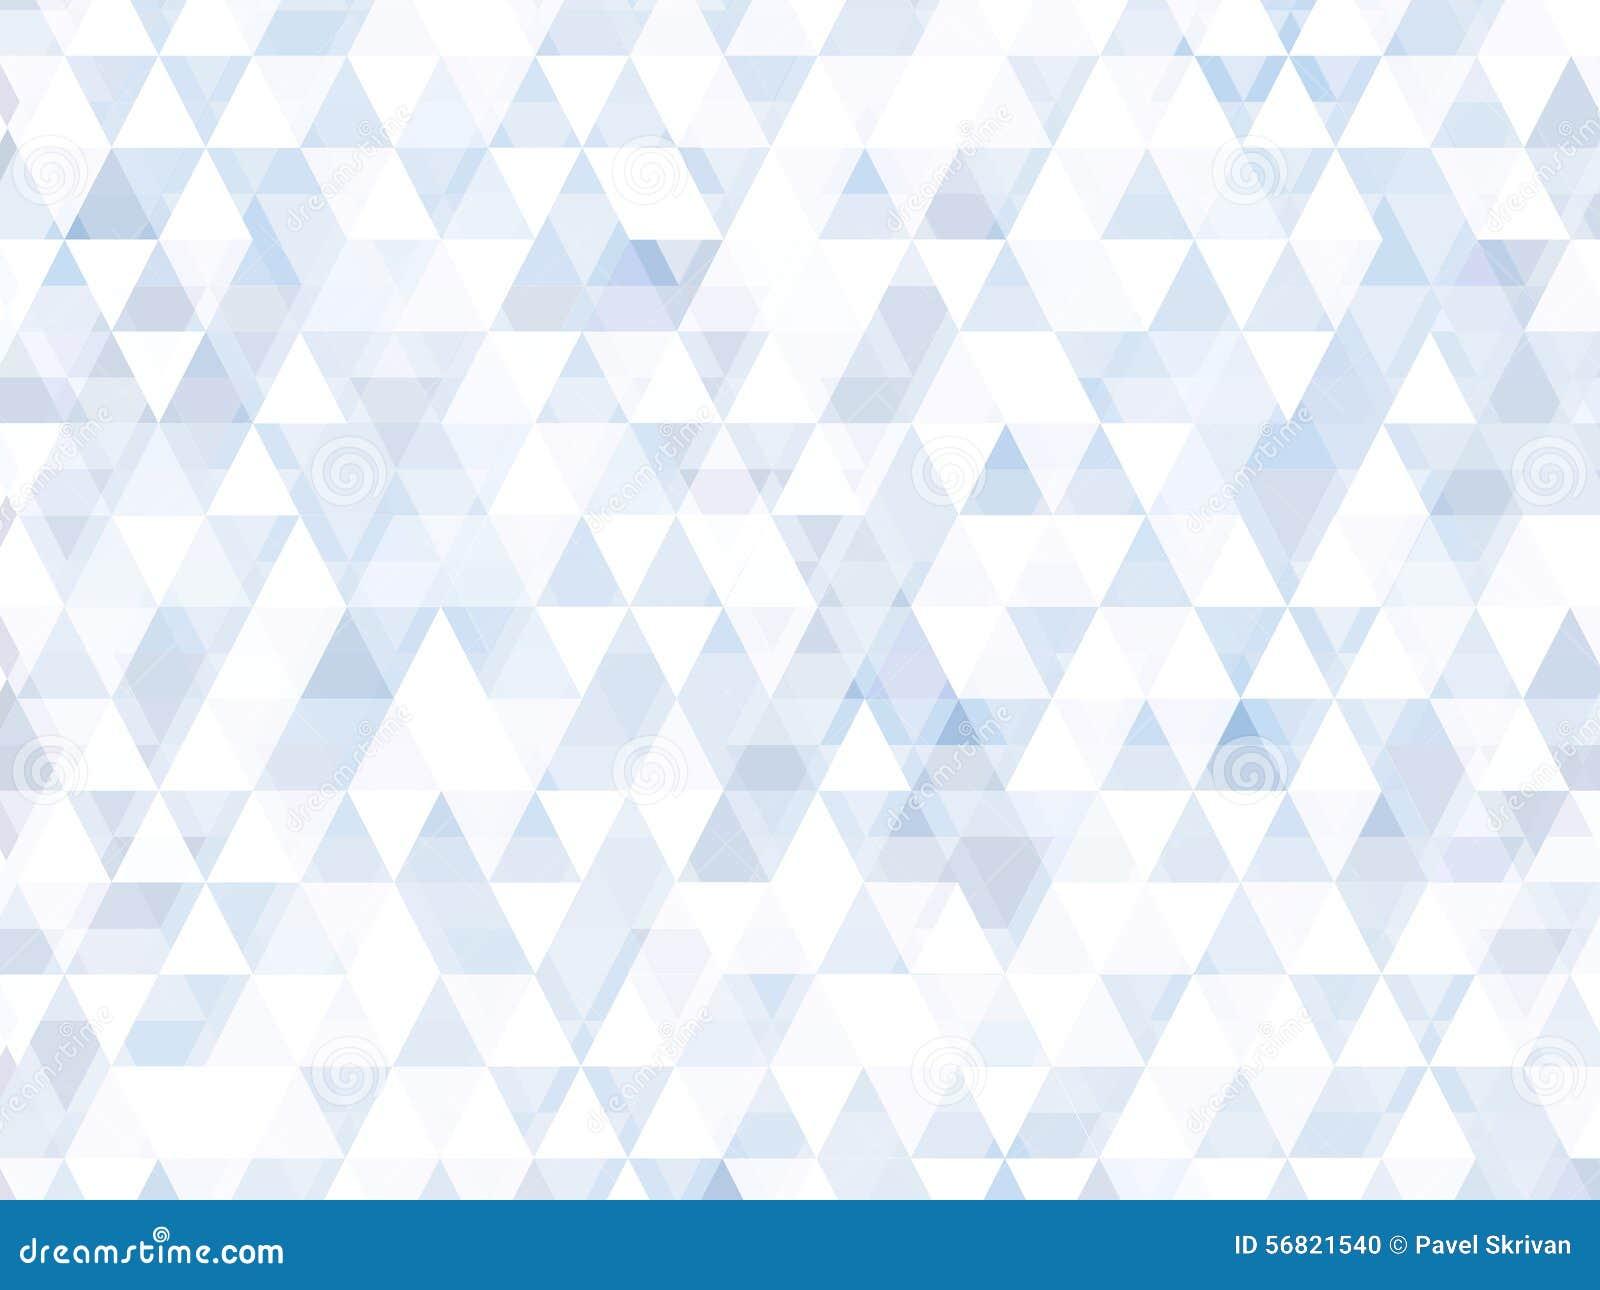 背景三角摘要 例证网页背景 半音背景设计模板 几何抽象现代背景.图片